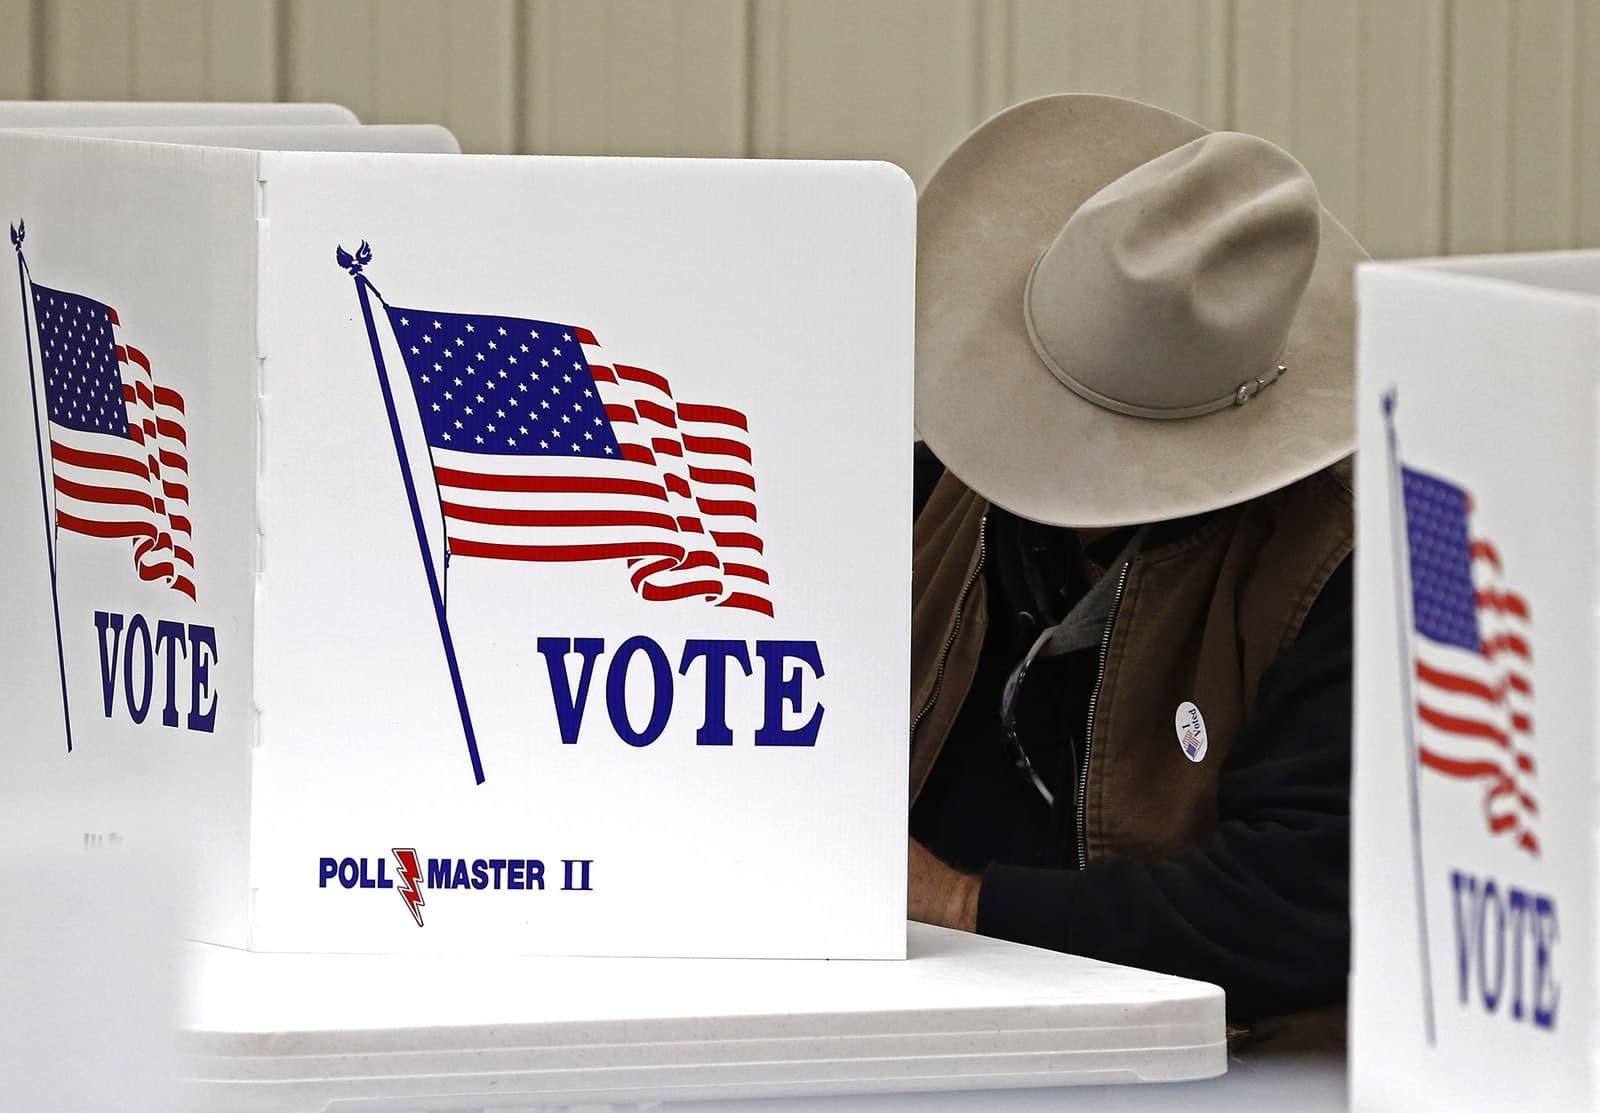 Un votant al col·legi electoral de Cottonwood Falls, Kansas, durant la jornada electoral del 2016. Fotografia de Larry W. Smith. EPA.